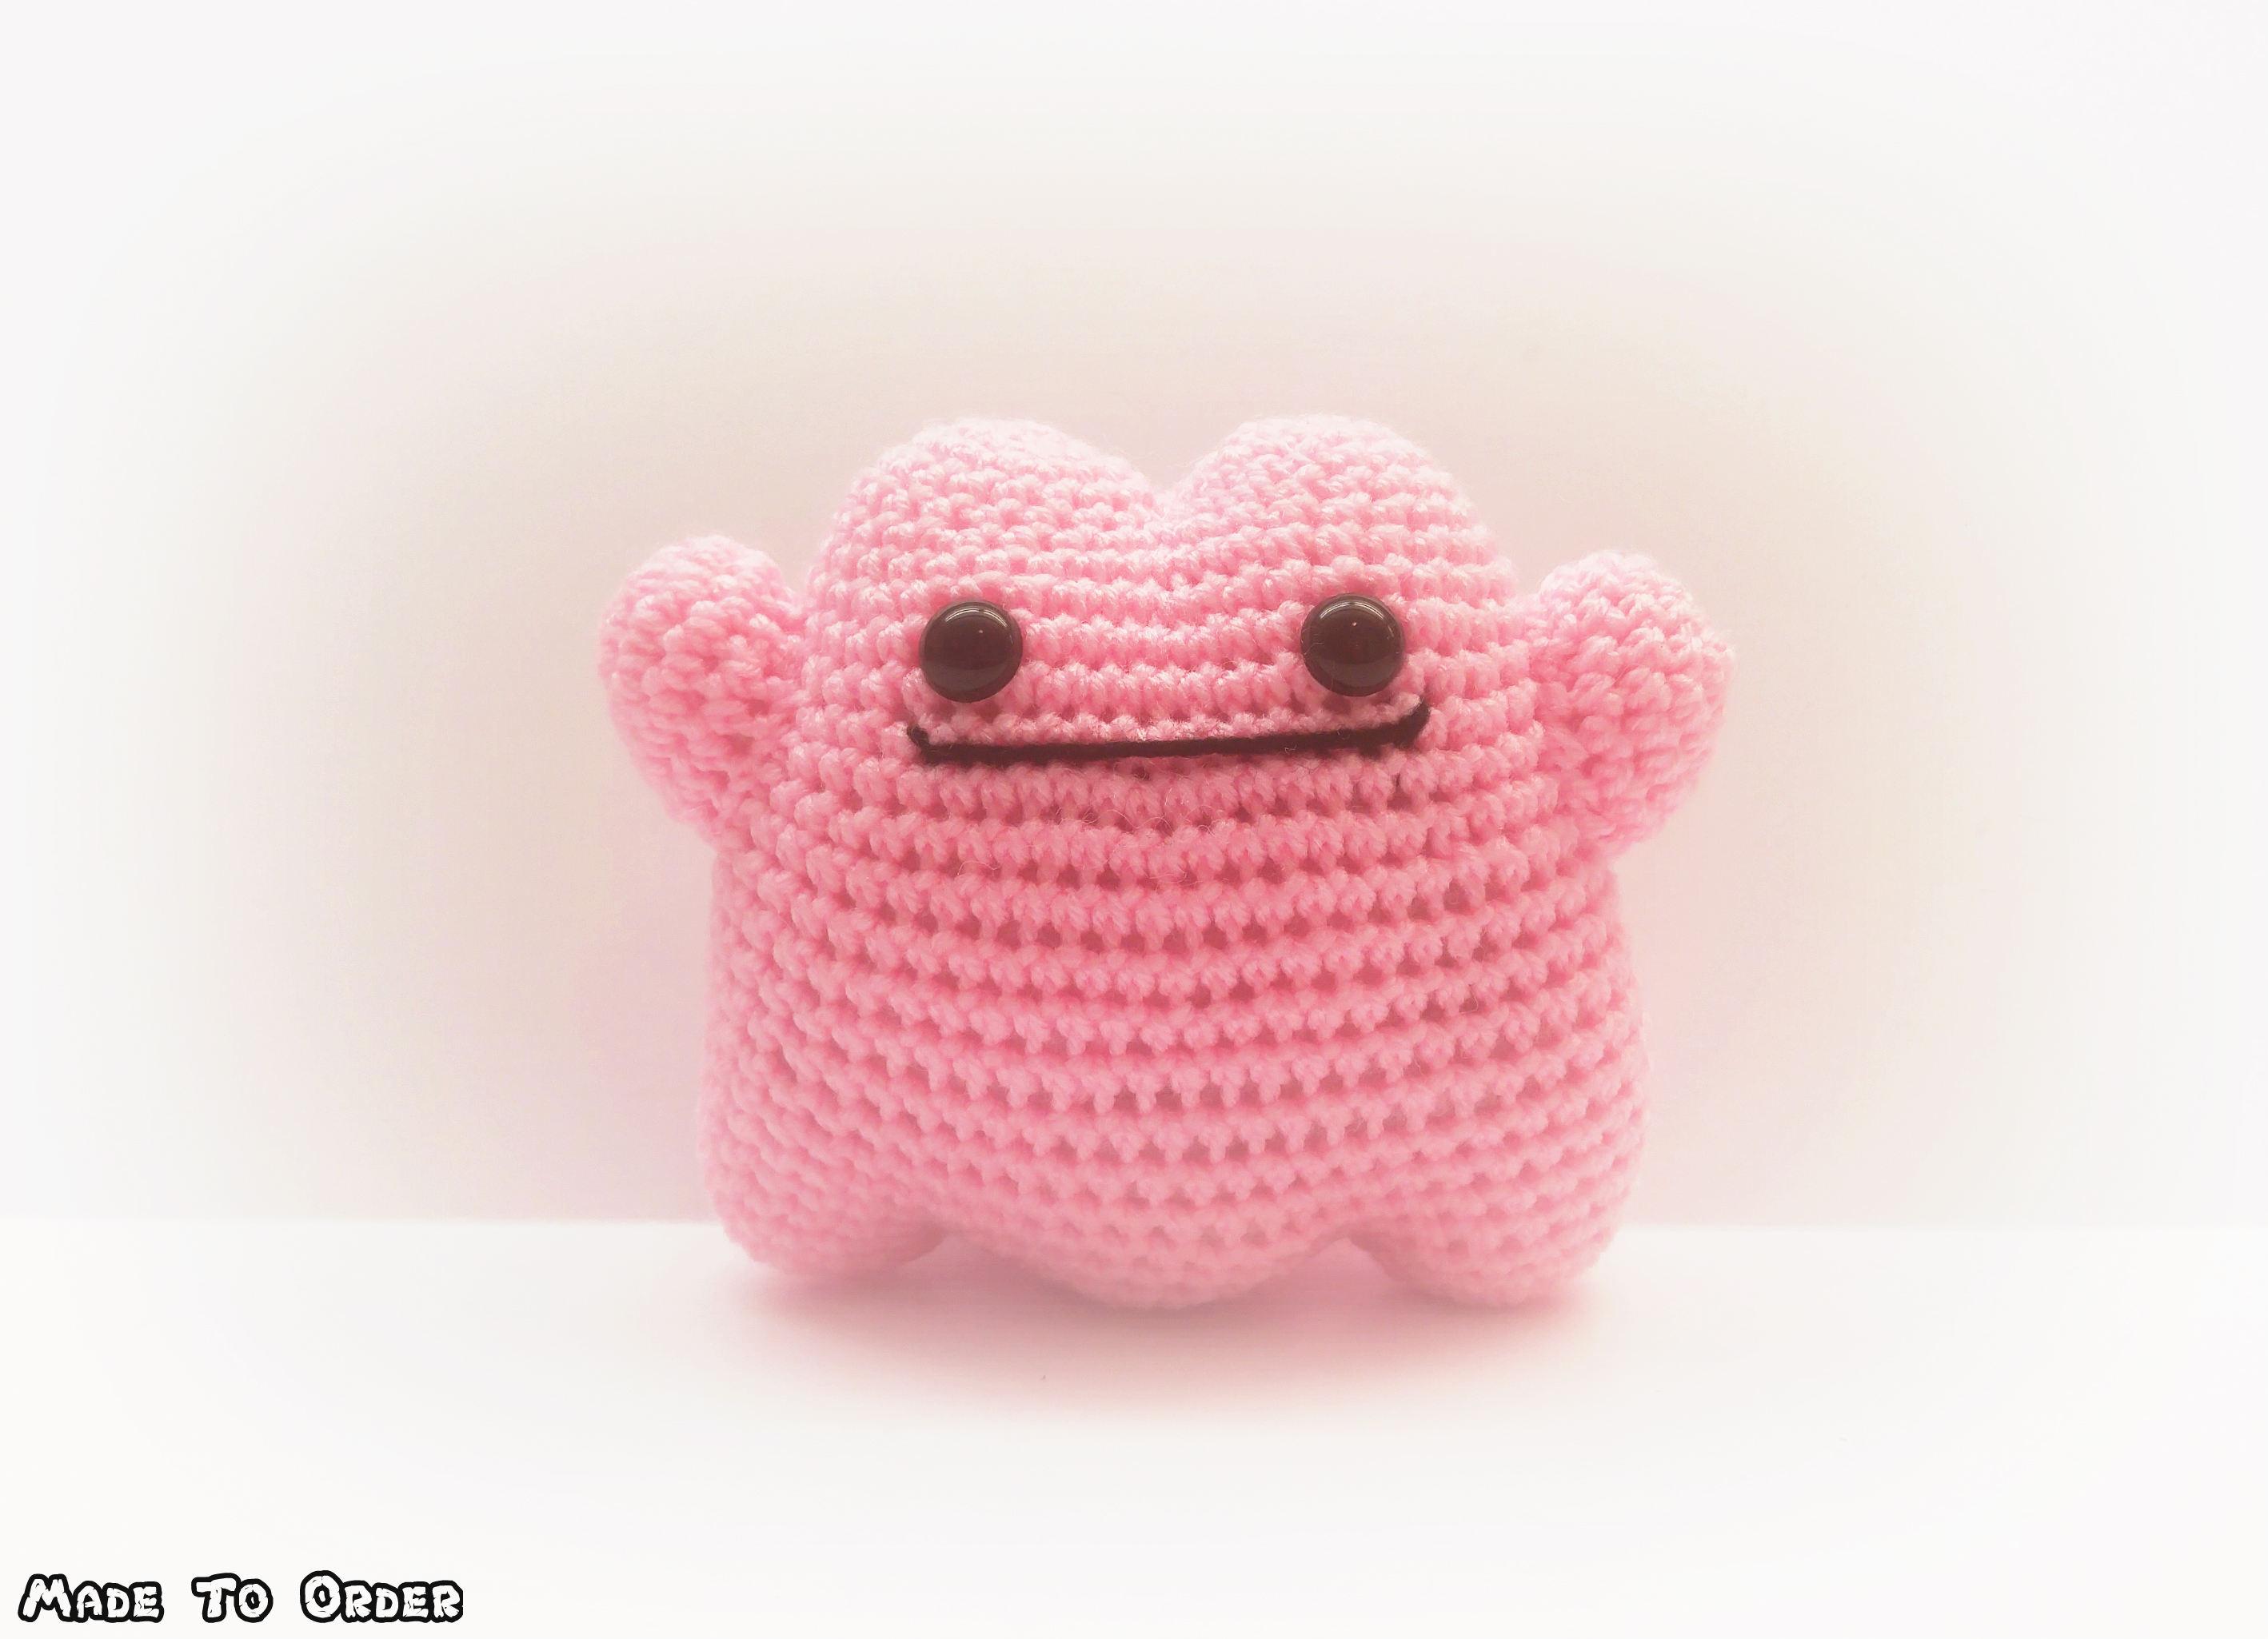 Crochet Ditto Inspired Chibi Pokemon Etsy